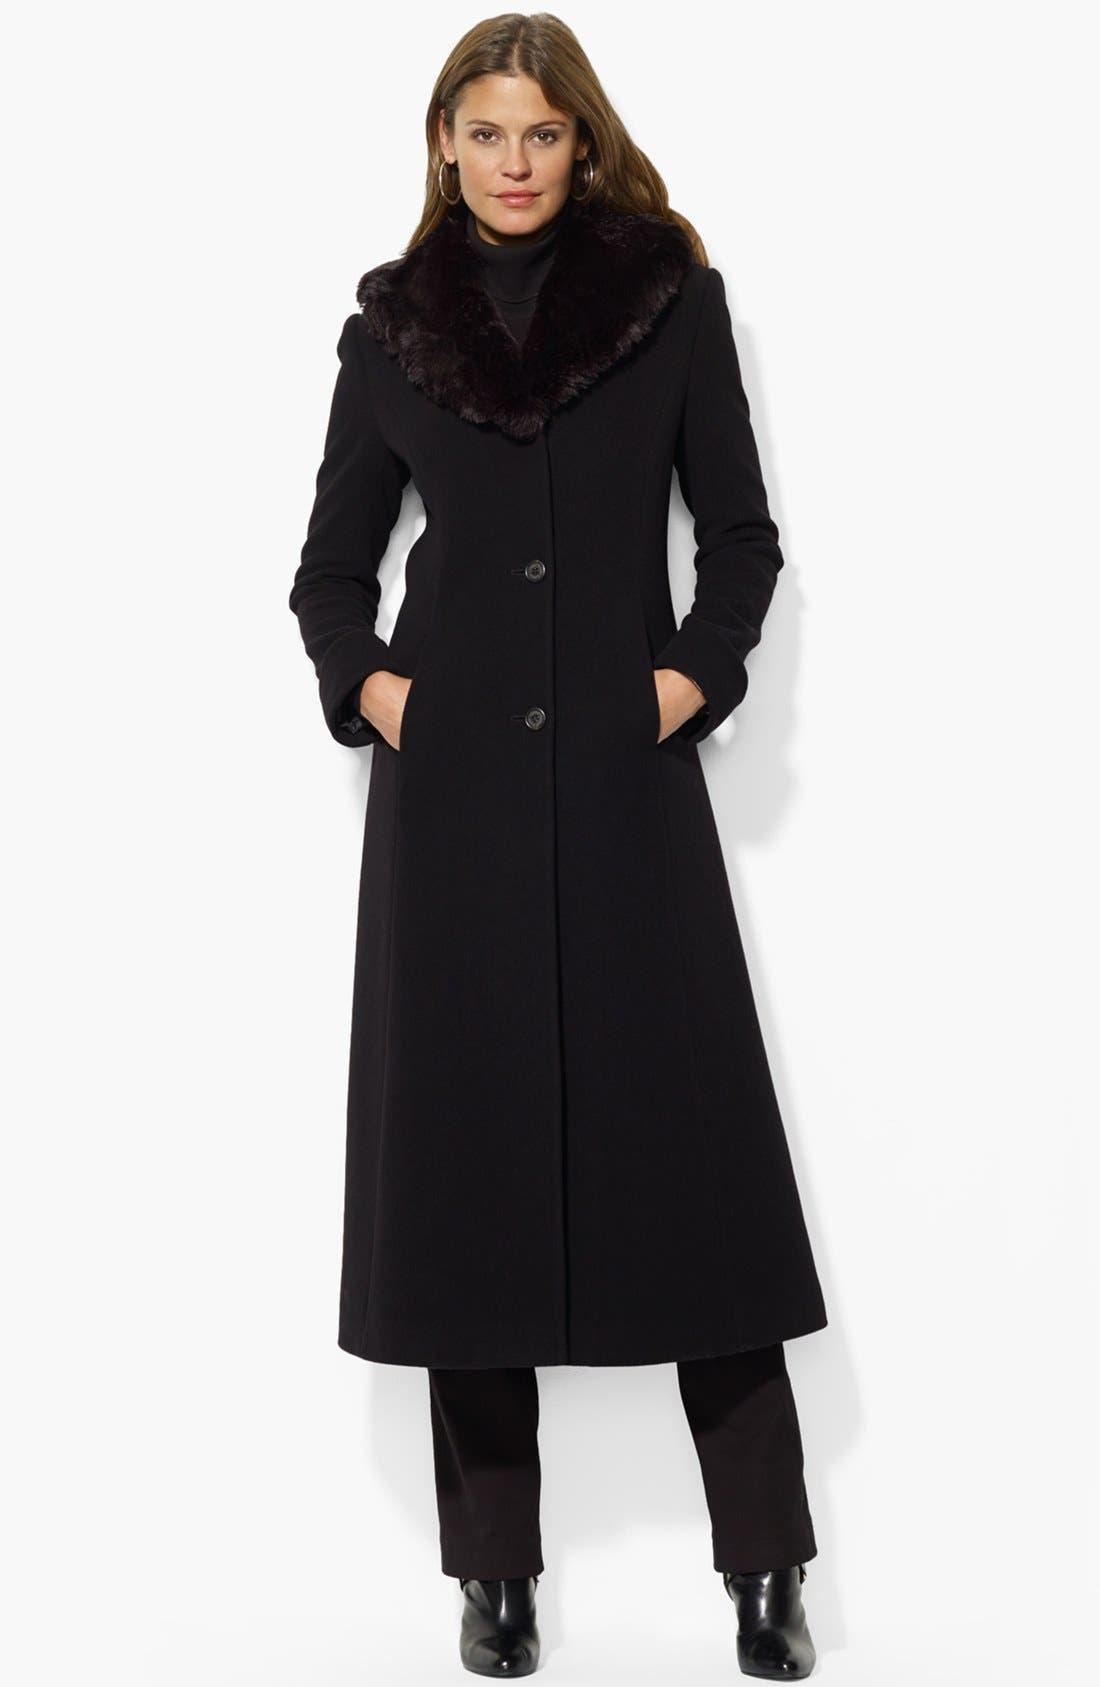 Alternate Image 1 Selected - Lauren Ralph Lauren Faux Fur Collar Wool Blend Coat (Online Only)